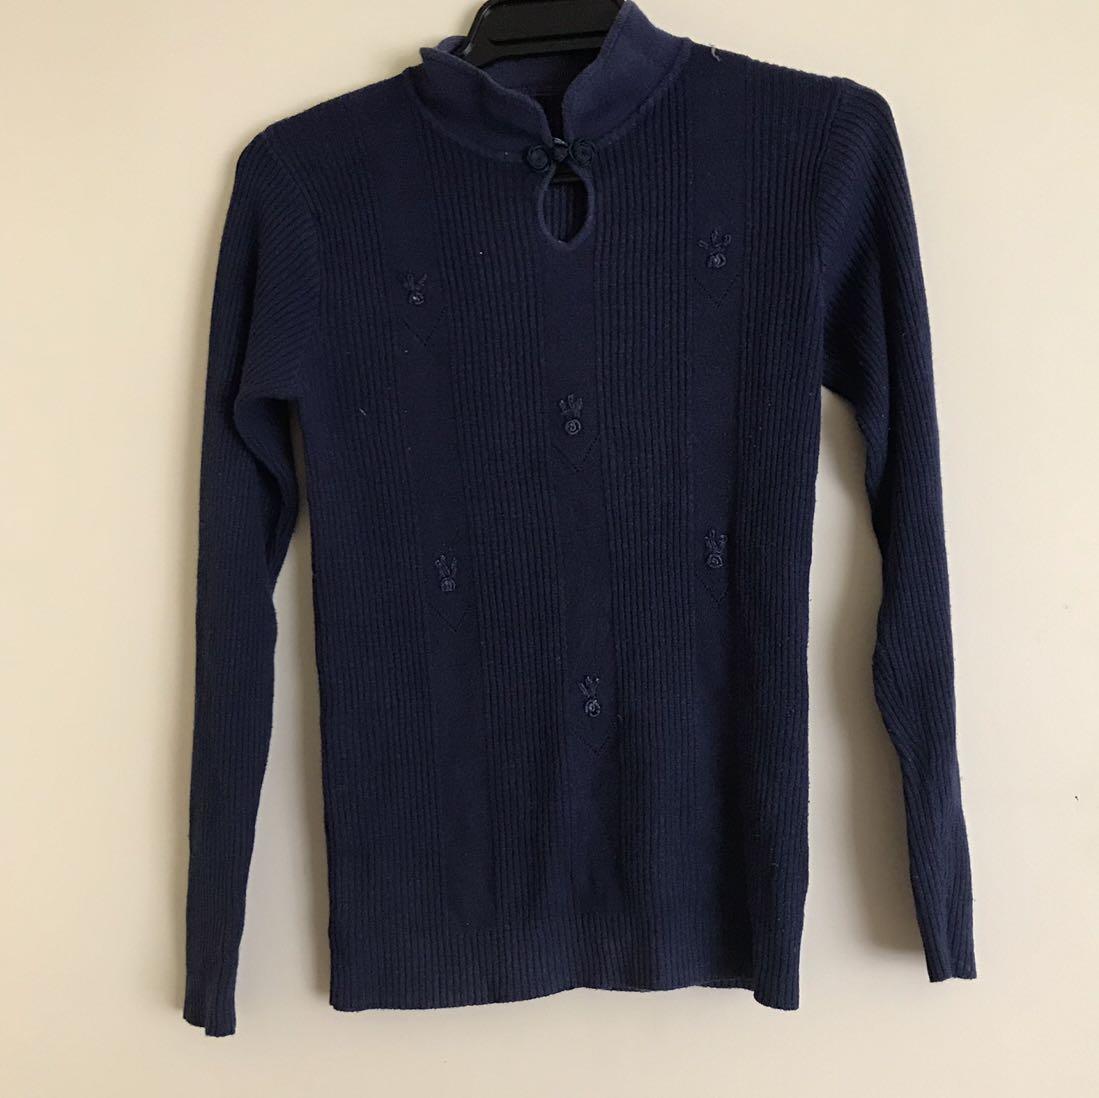 Ribbed Shirt with Loop